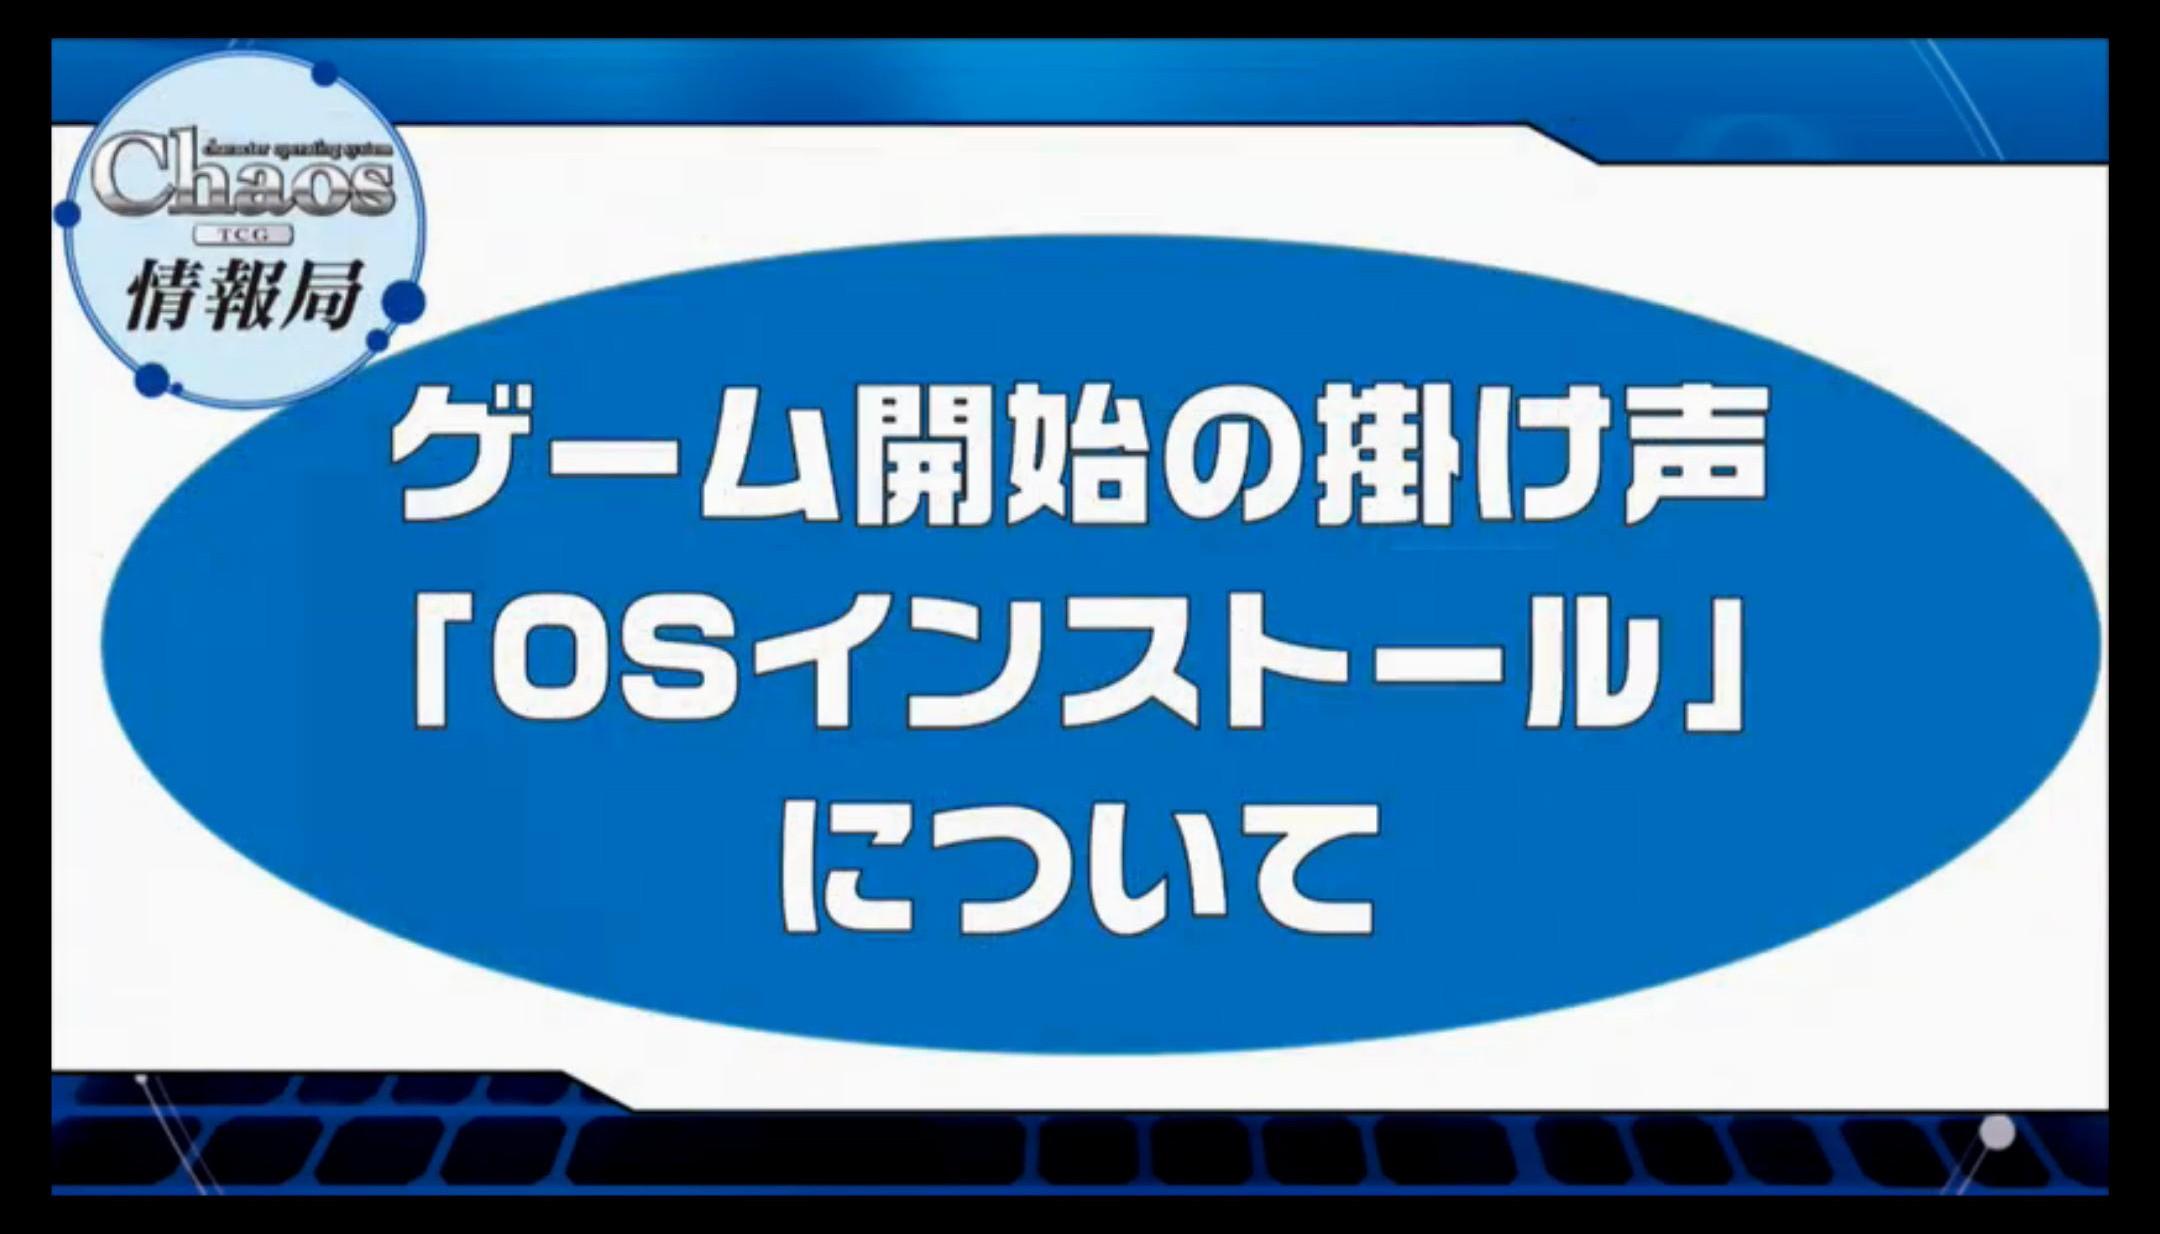 bshi-live-170601-049.jpg